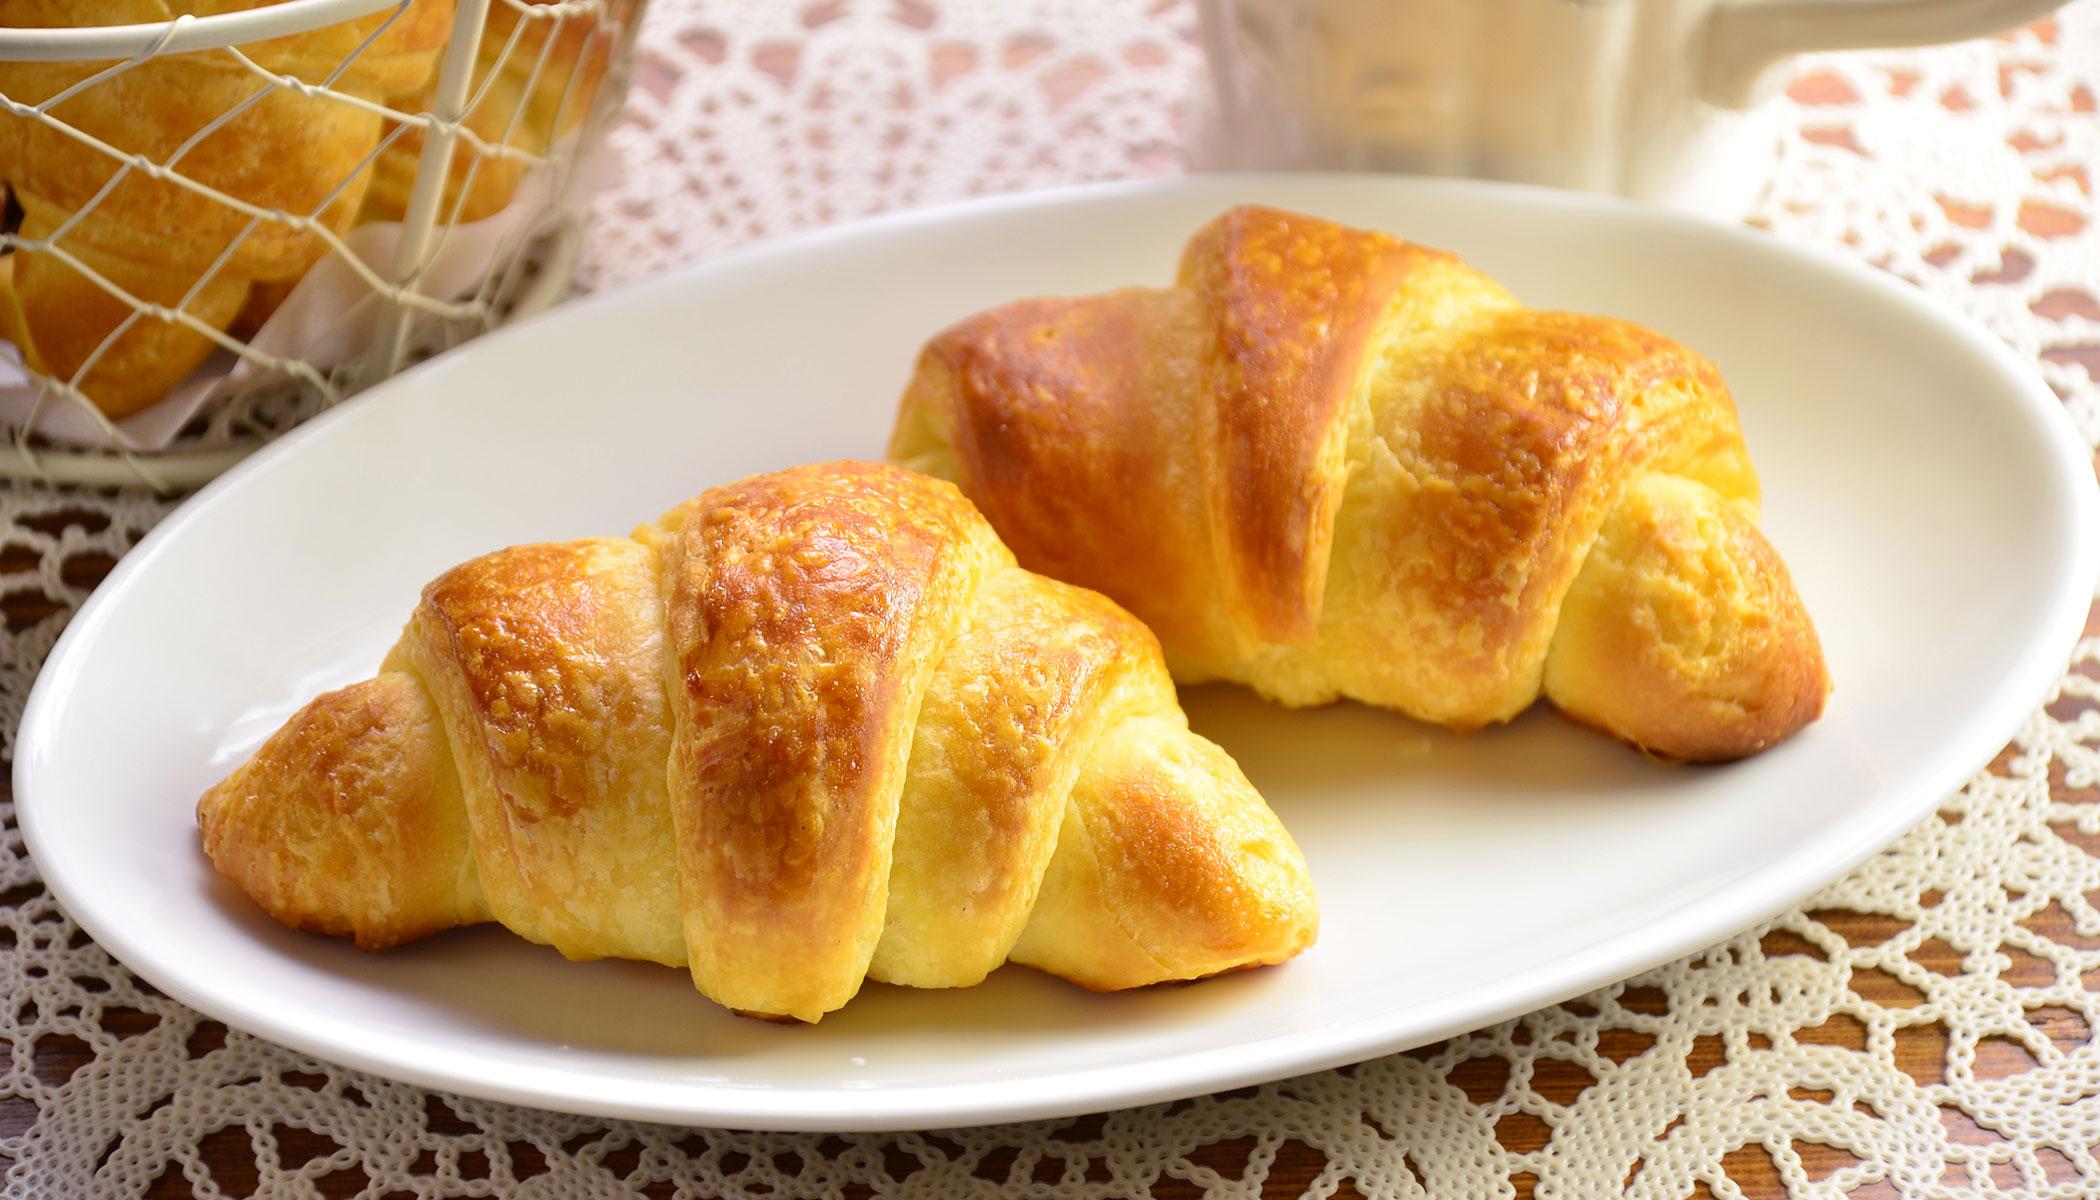 Bánh Croissants bánh mỳ nổi tiếng ở Pháp